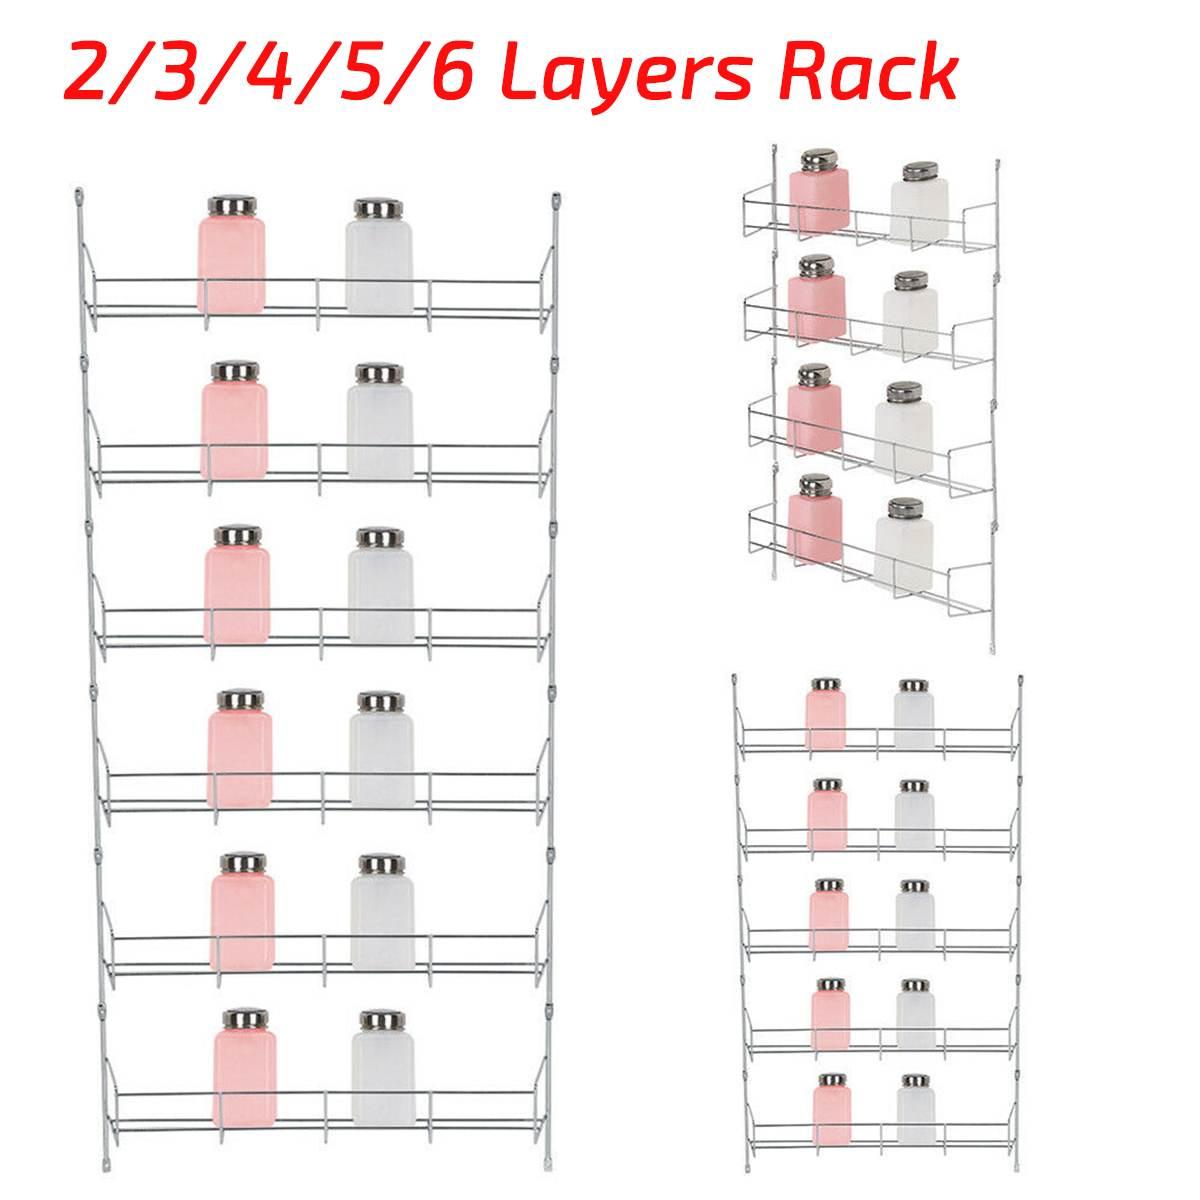 2/3/4/5/6 capas estante de especias de cocina organizador multifuncional soportes de almacenamiento estante despensa soporte colgante de pared estante de ahorro de espacio